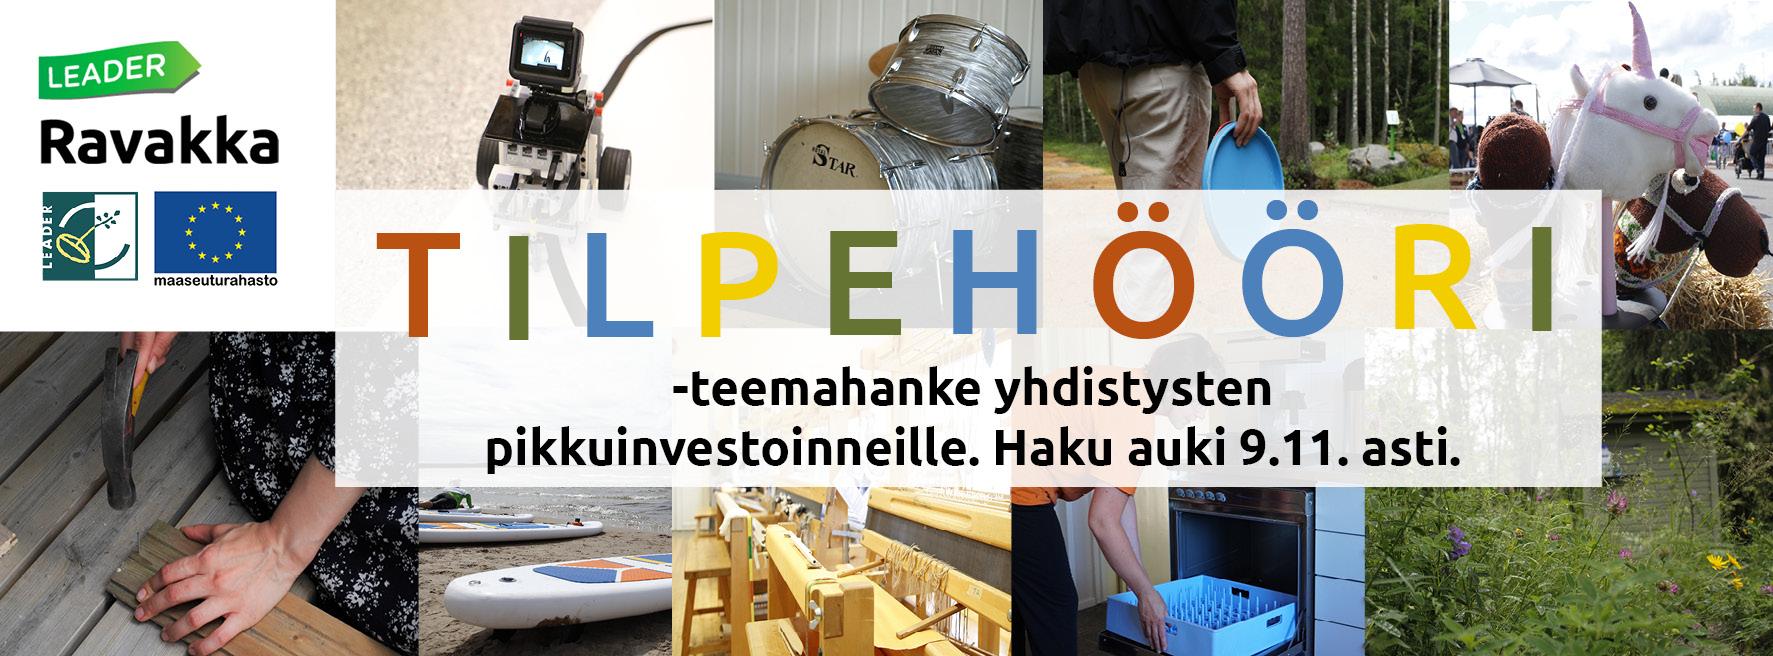 Mainos Tilpehööri-teemahankkeesta